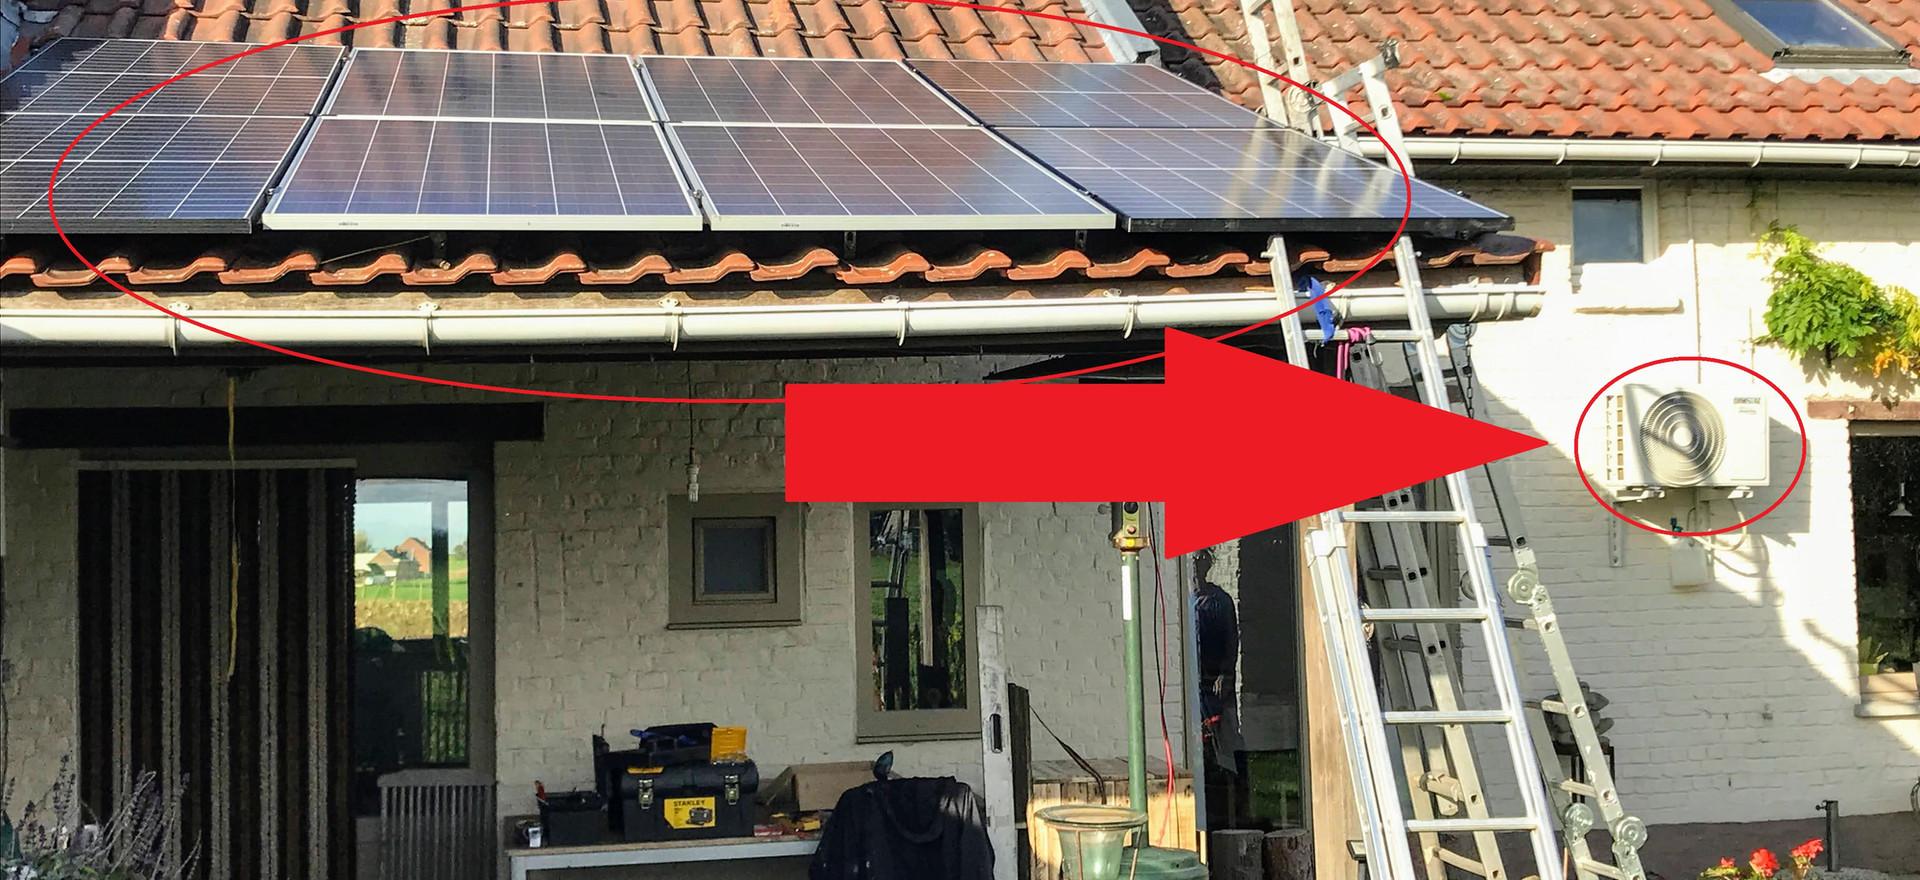 Warmtepomp op zonne-energie in Kester